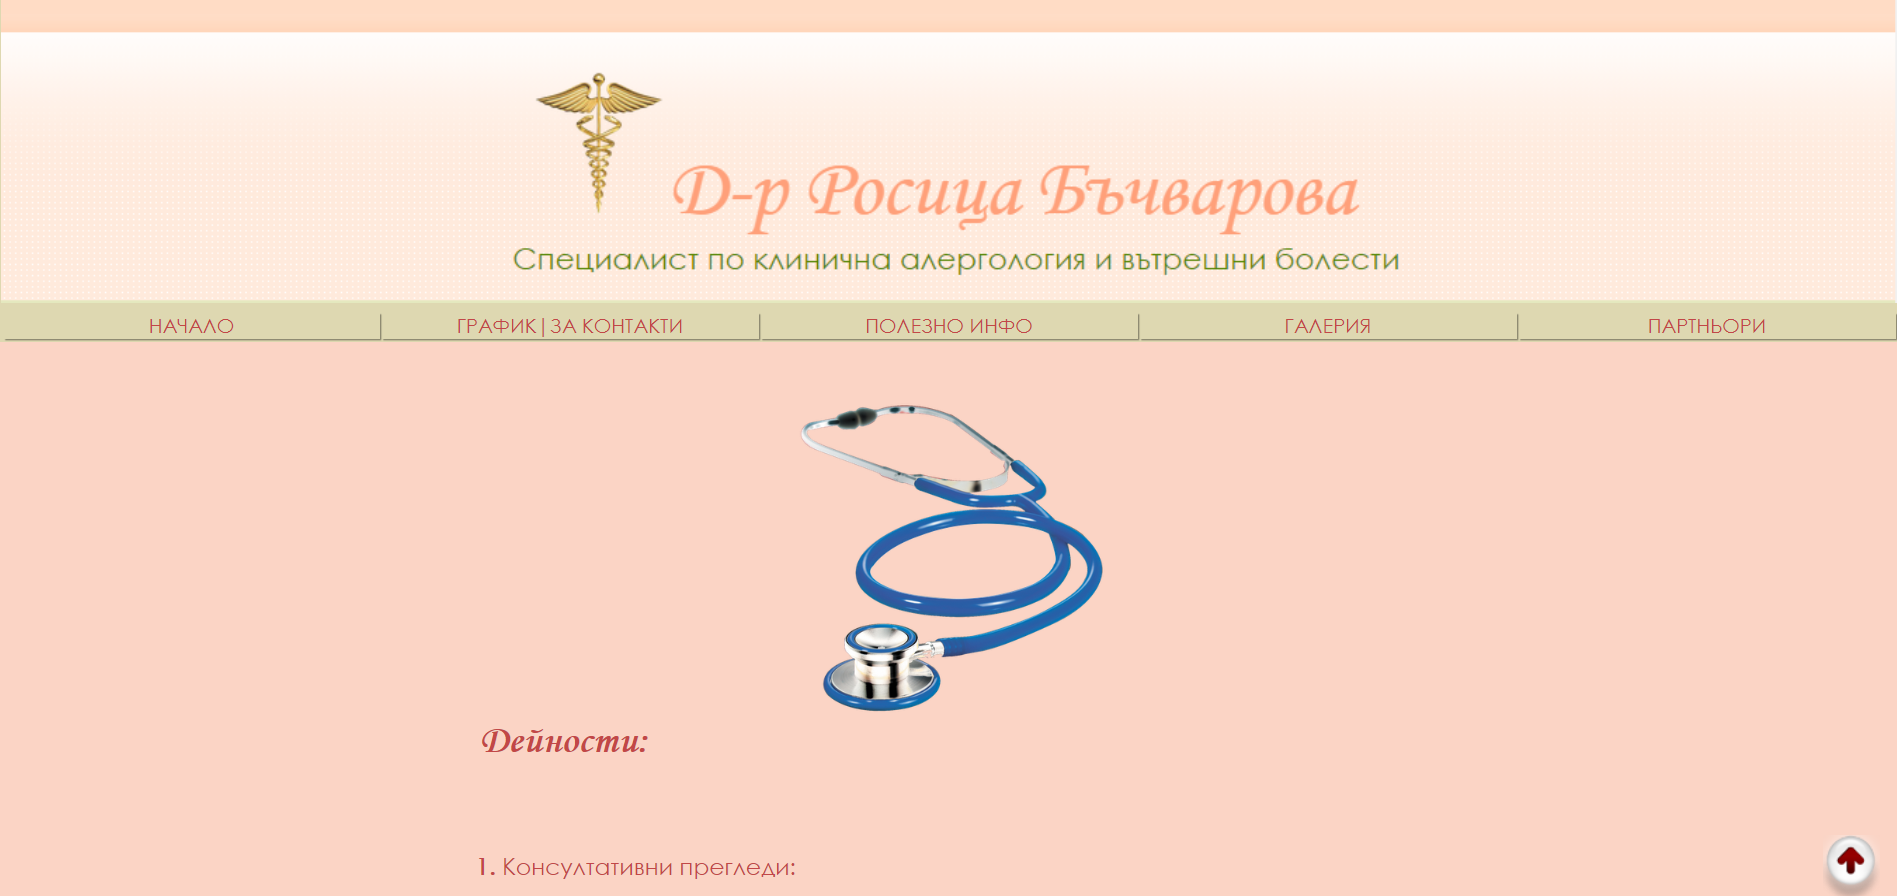 Д-р Росица Бъчварова